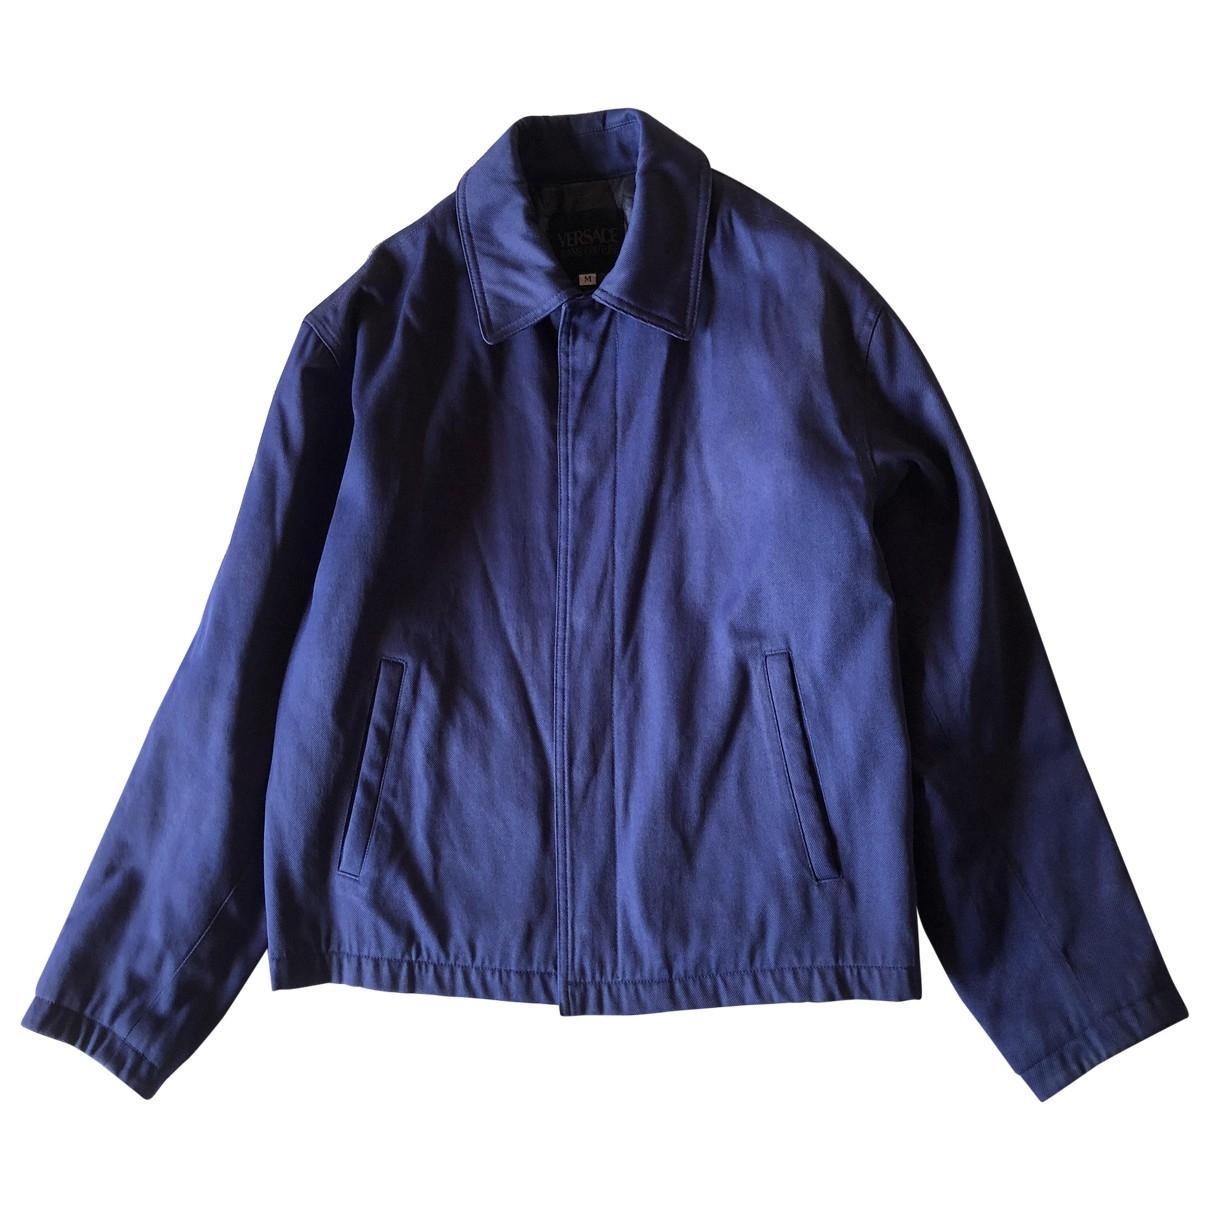 Versace Jeans \N Jacke in  Blau Polyester